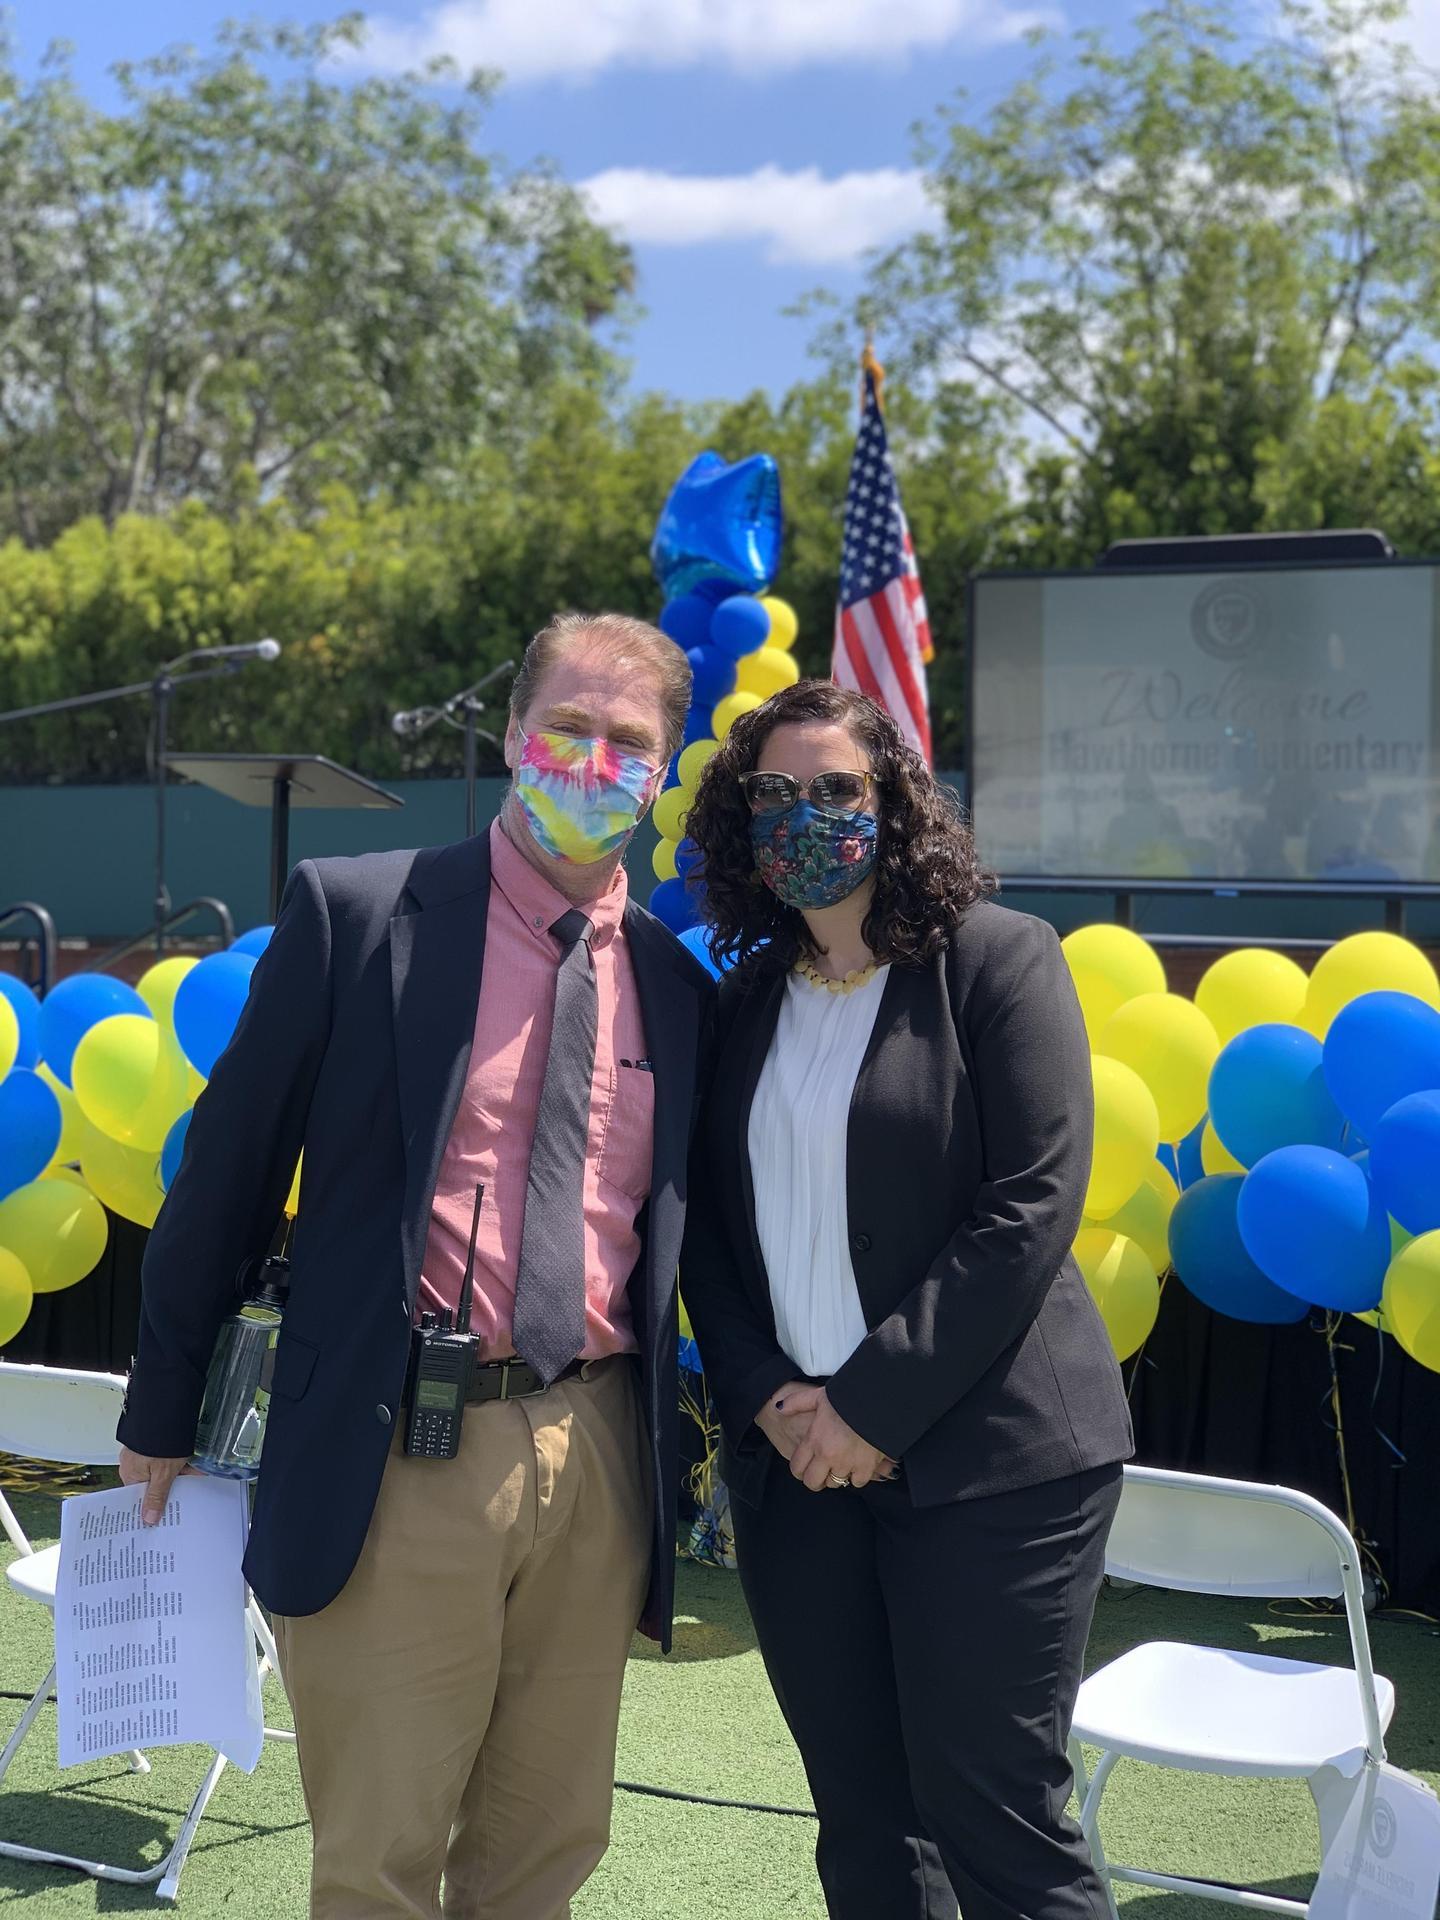 Principal Sarah Kaber and Assistant Principal Kevin Painter